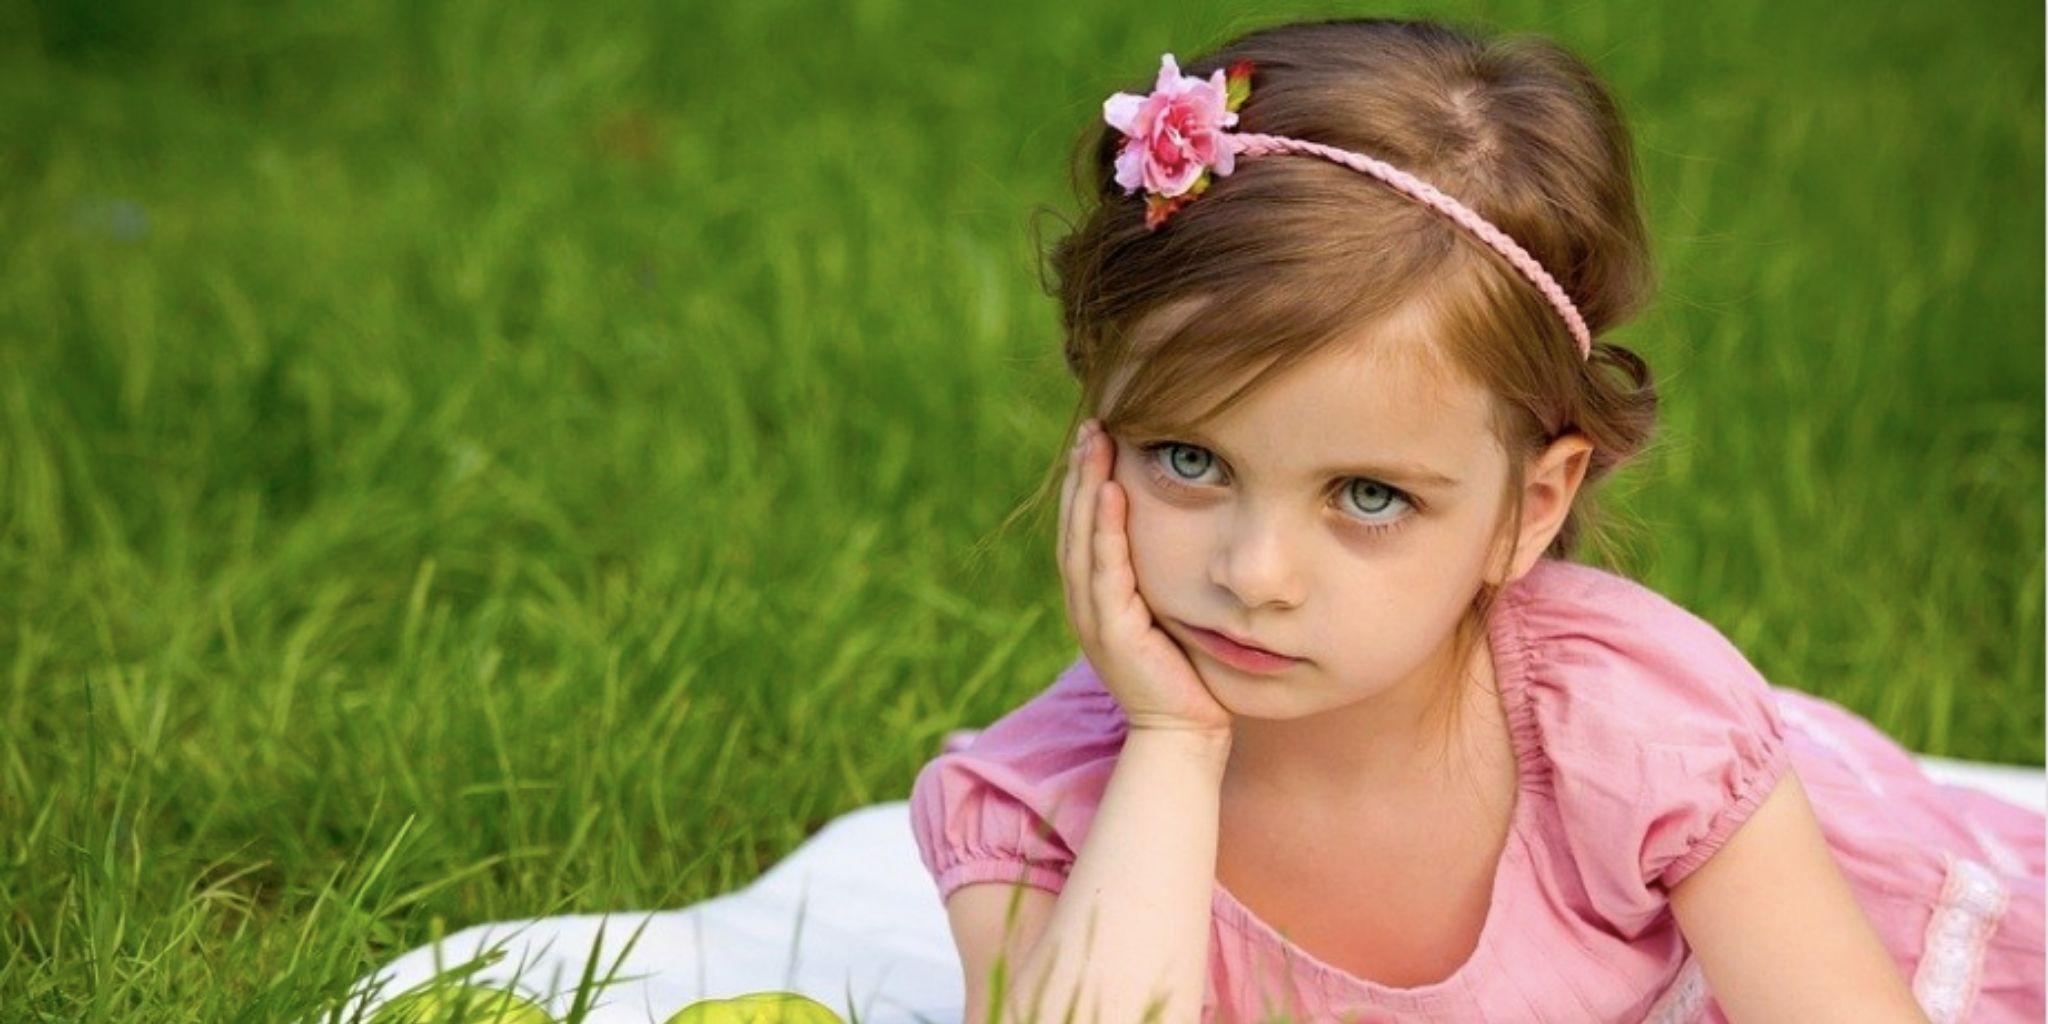 100 Tipps gegen Langeweile bei Kindern - Babysitten Tipps